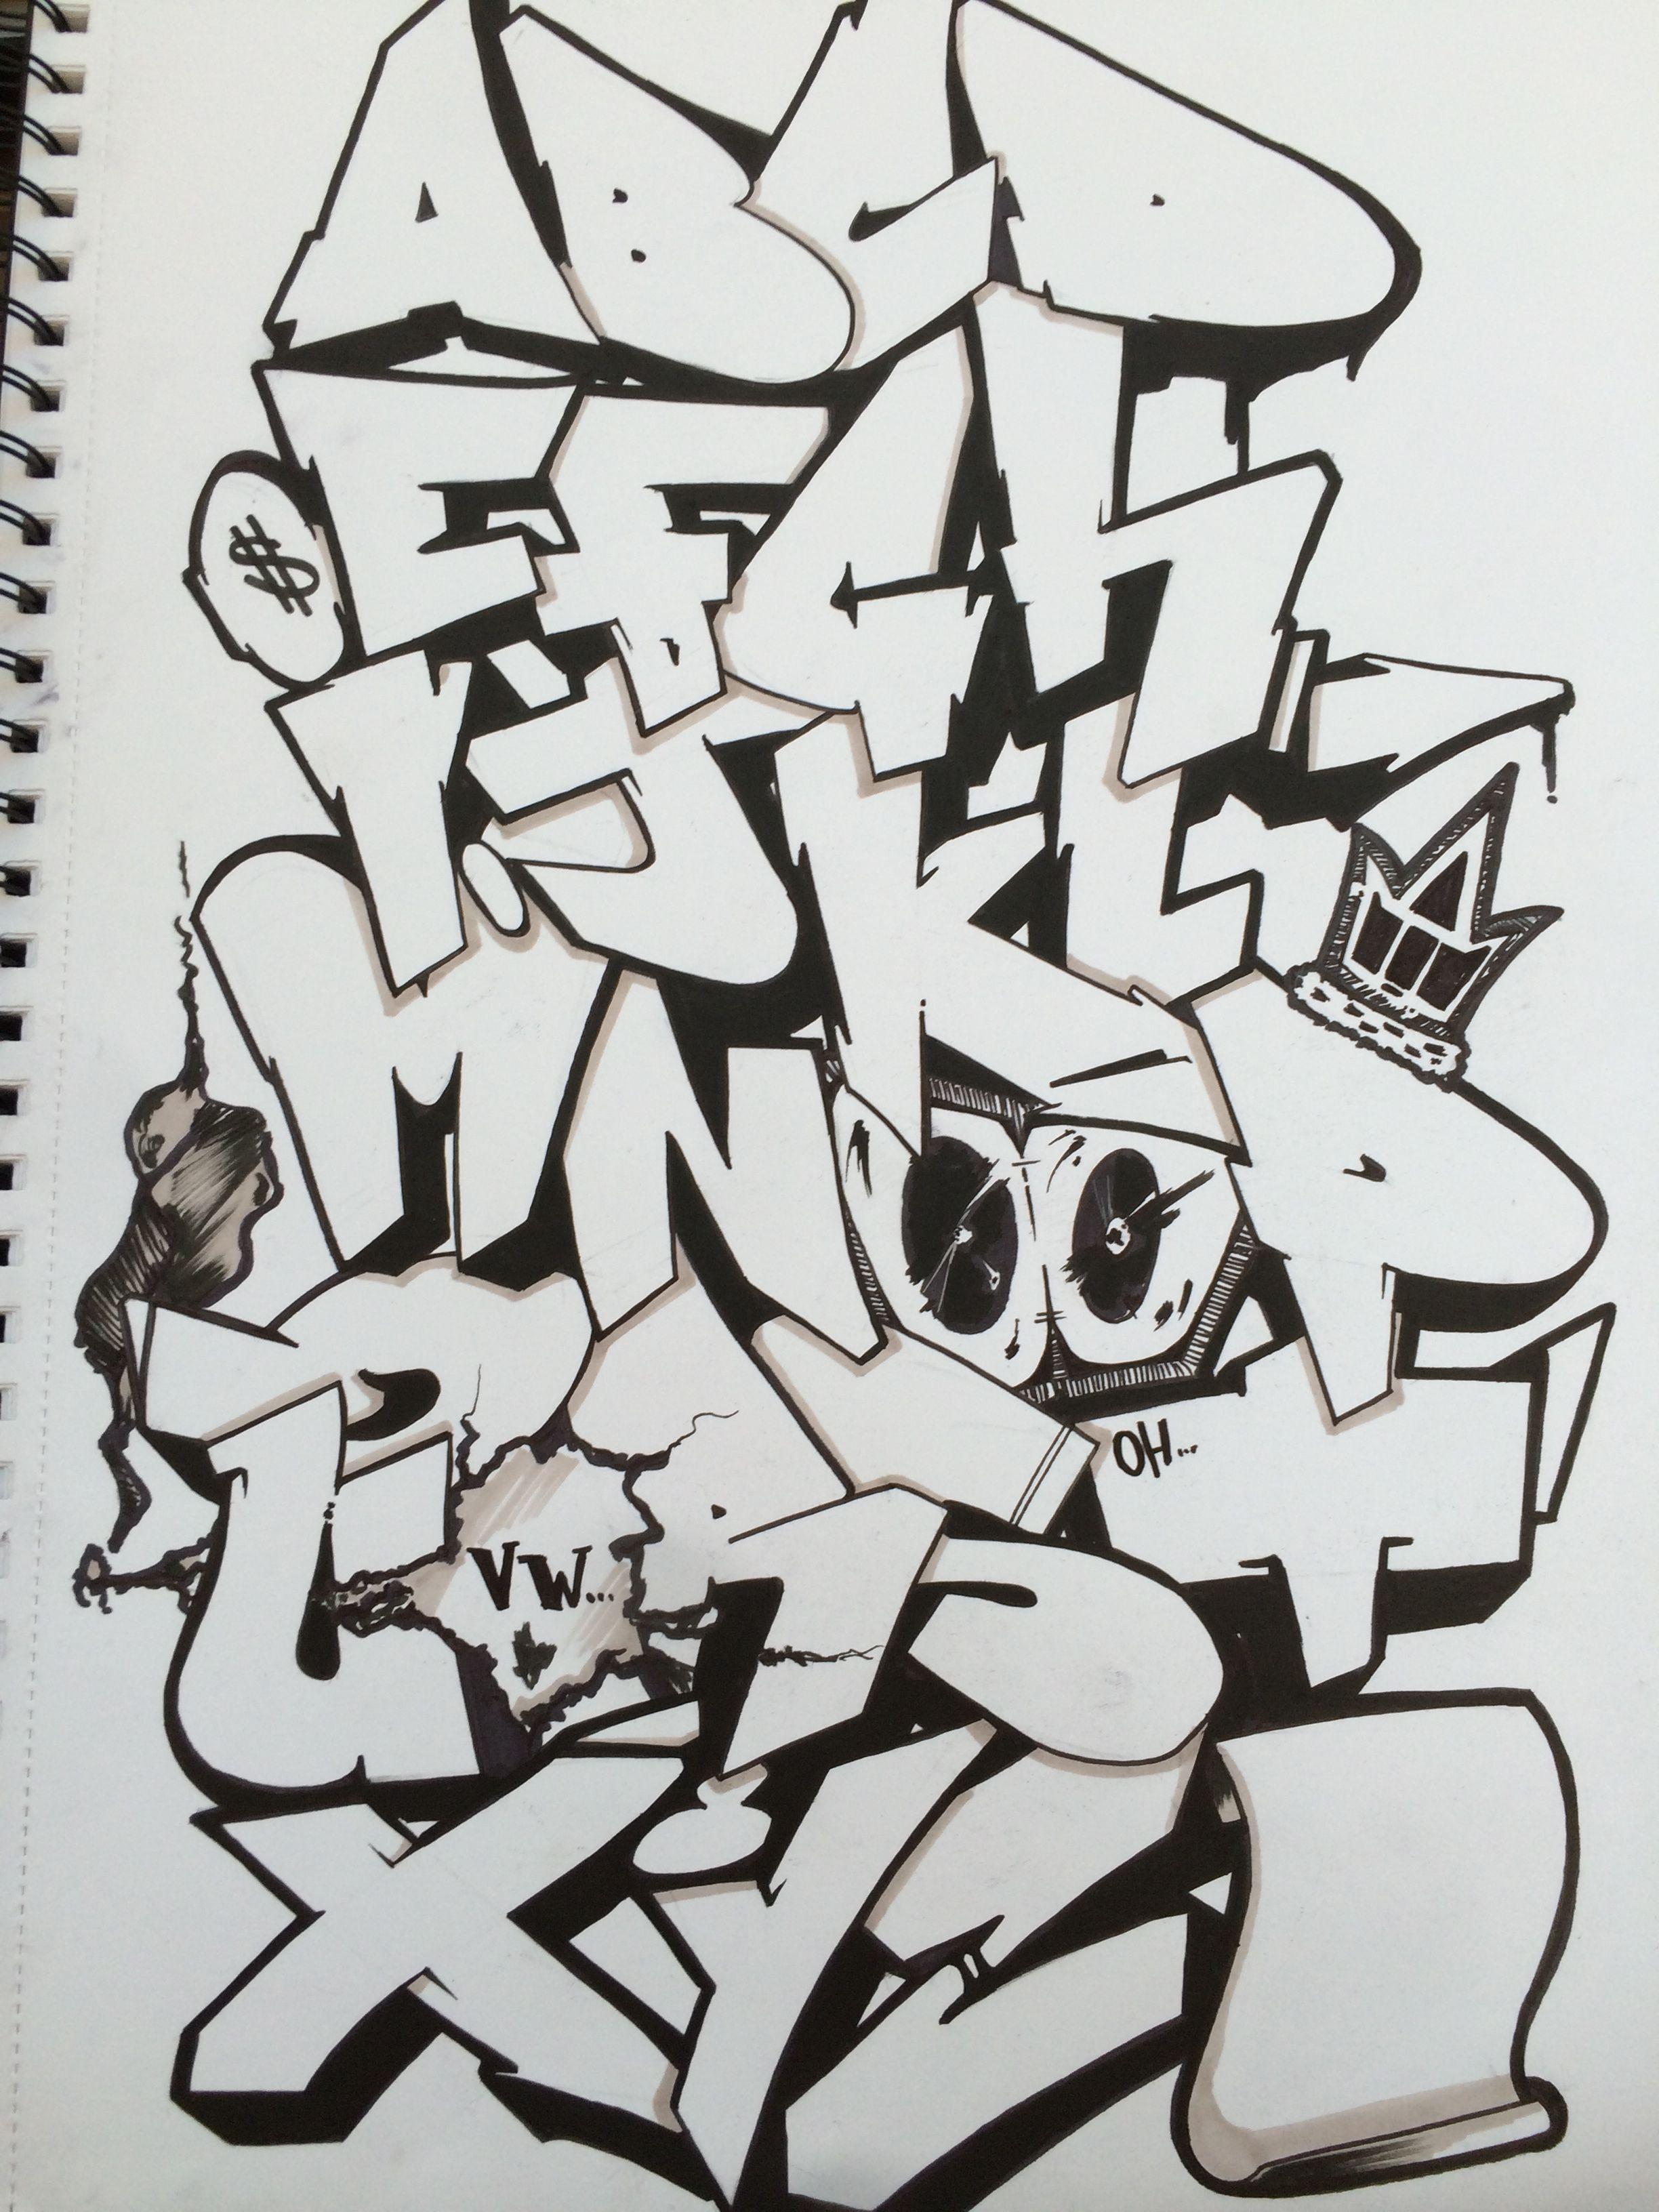 Pin by Lukáš on Graffiti Graffiti, Abeceda graffiti, Kresby